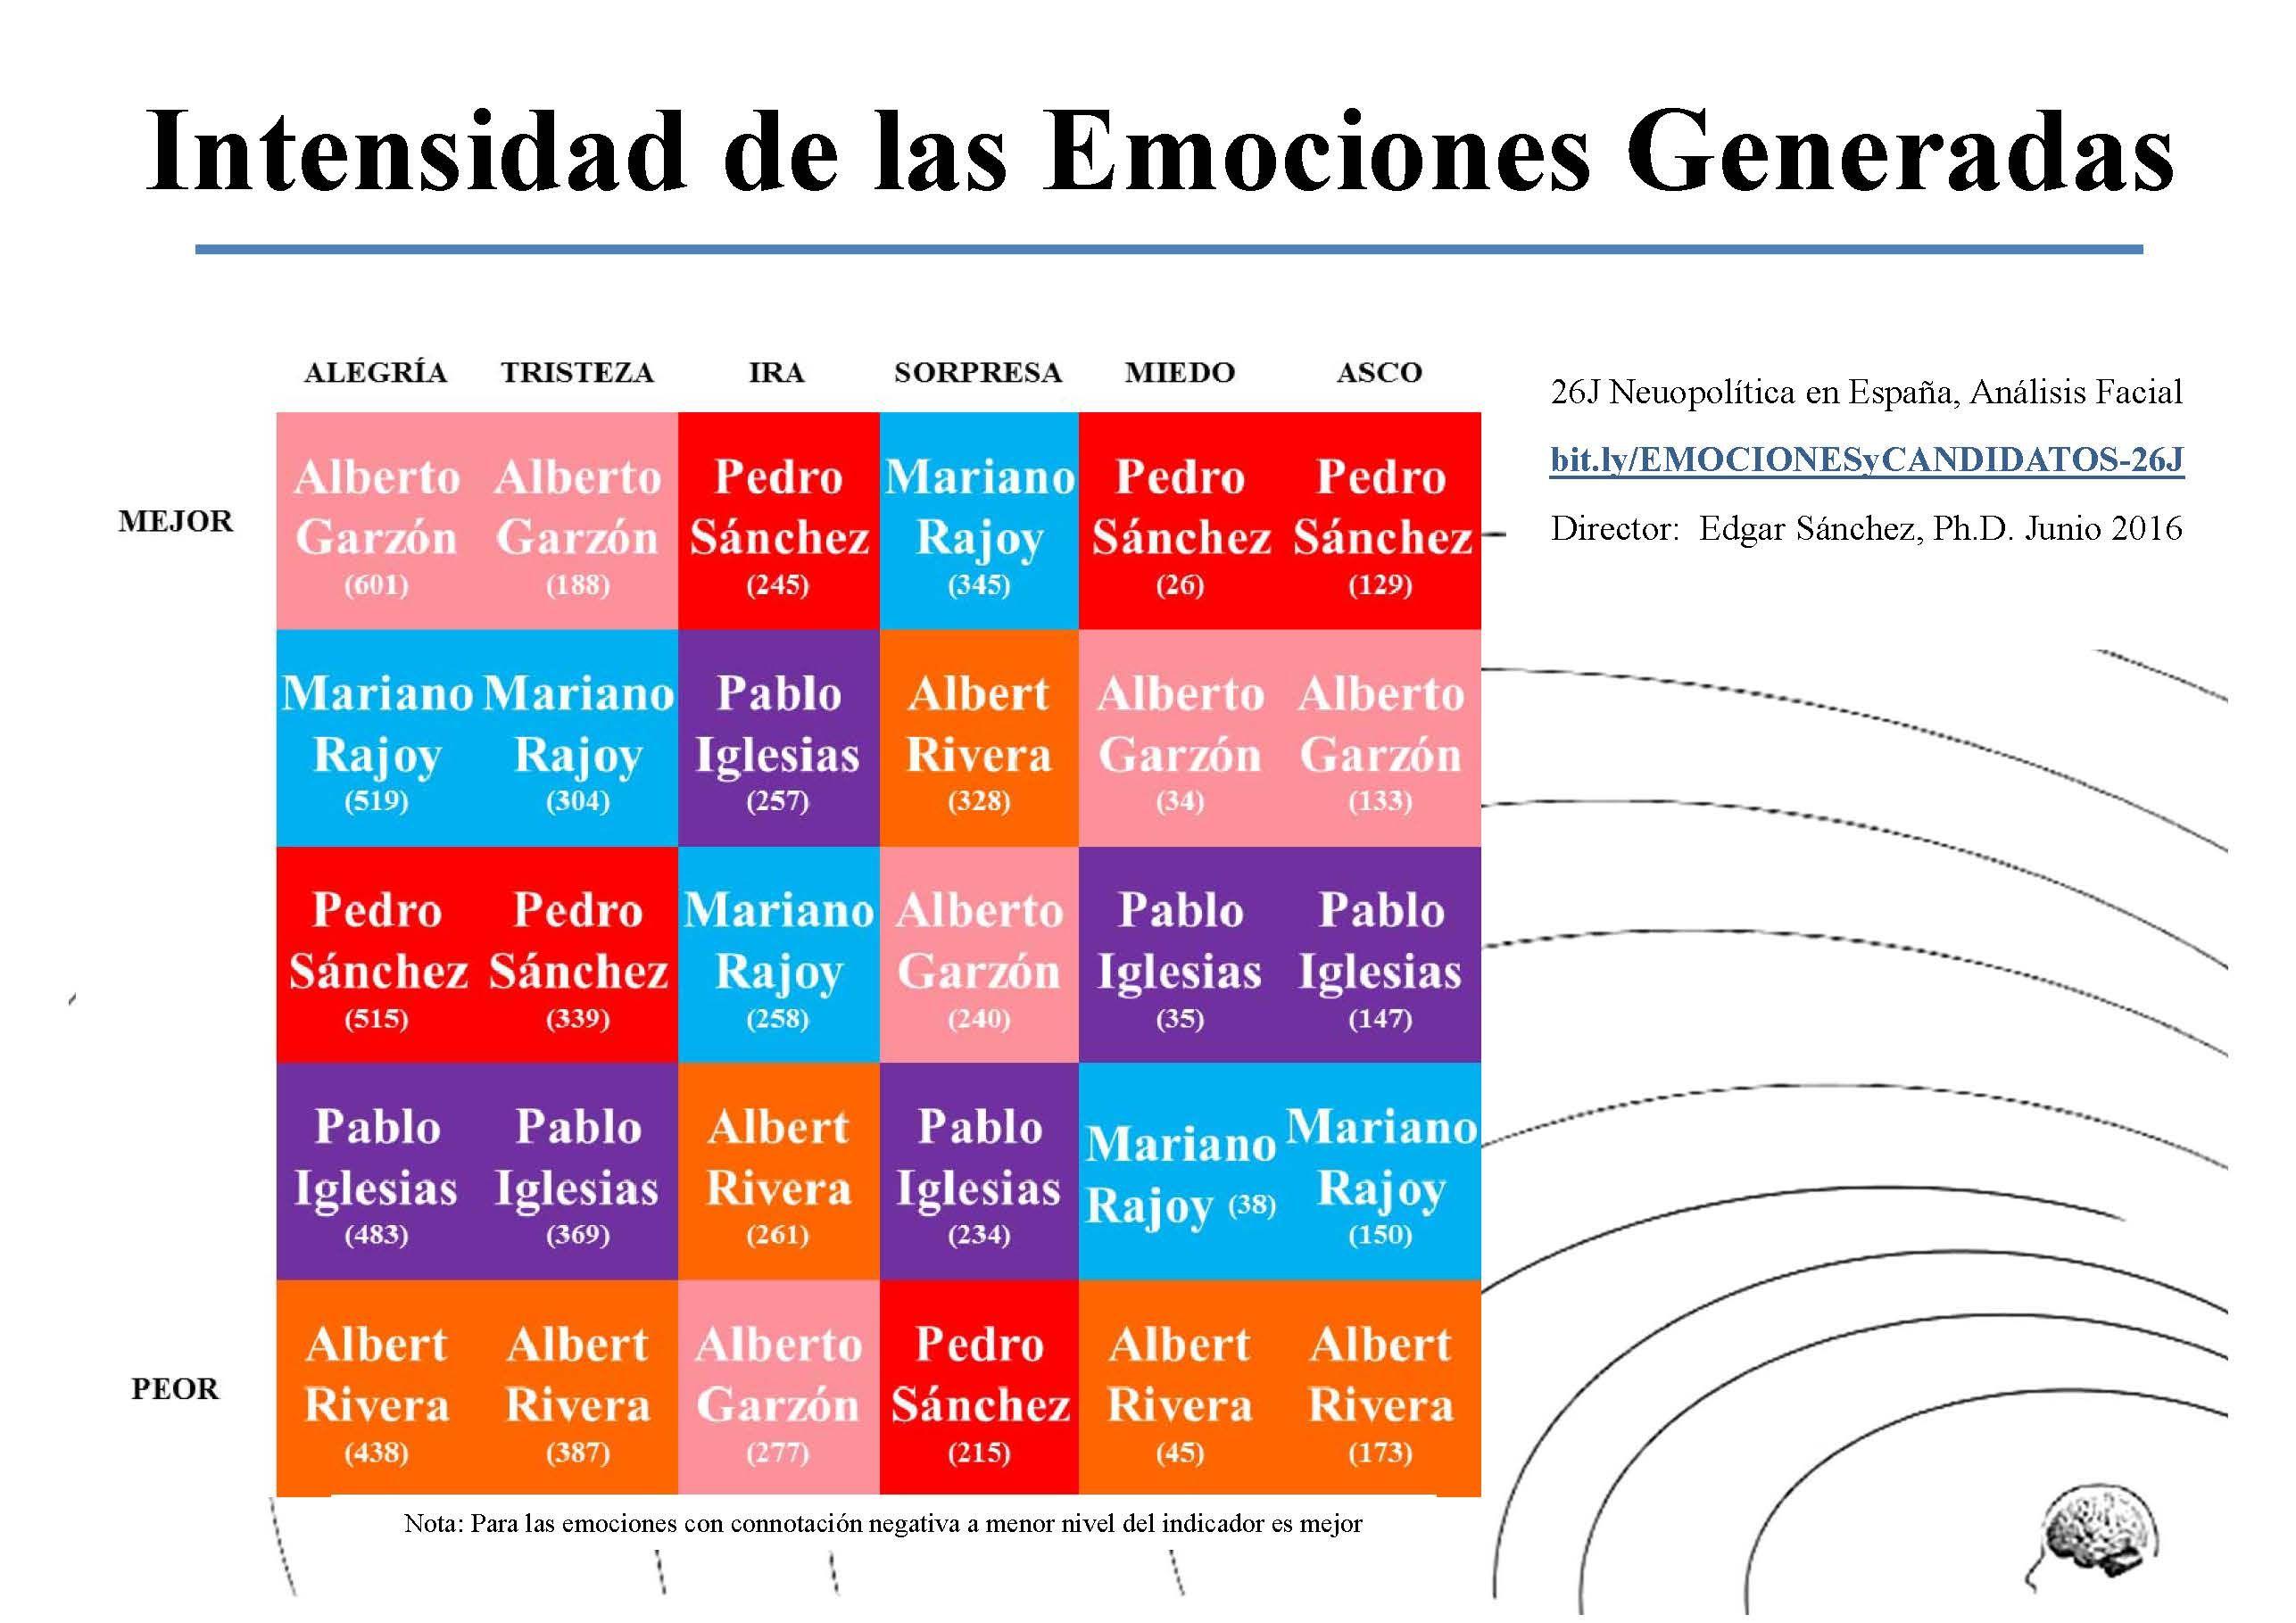 Fotografia 26J Neuropolitica Emociones y CandidatosTabla General